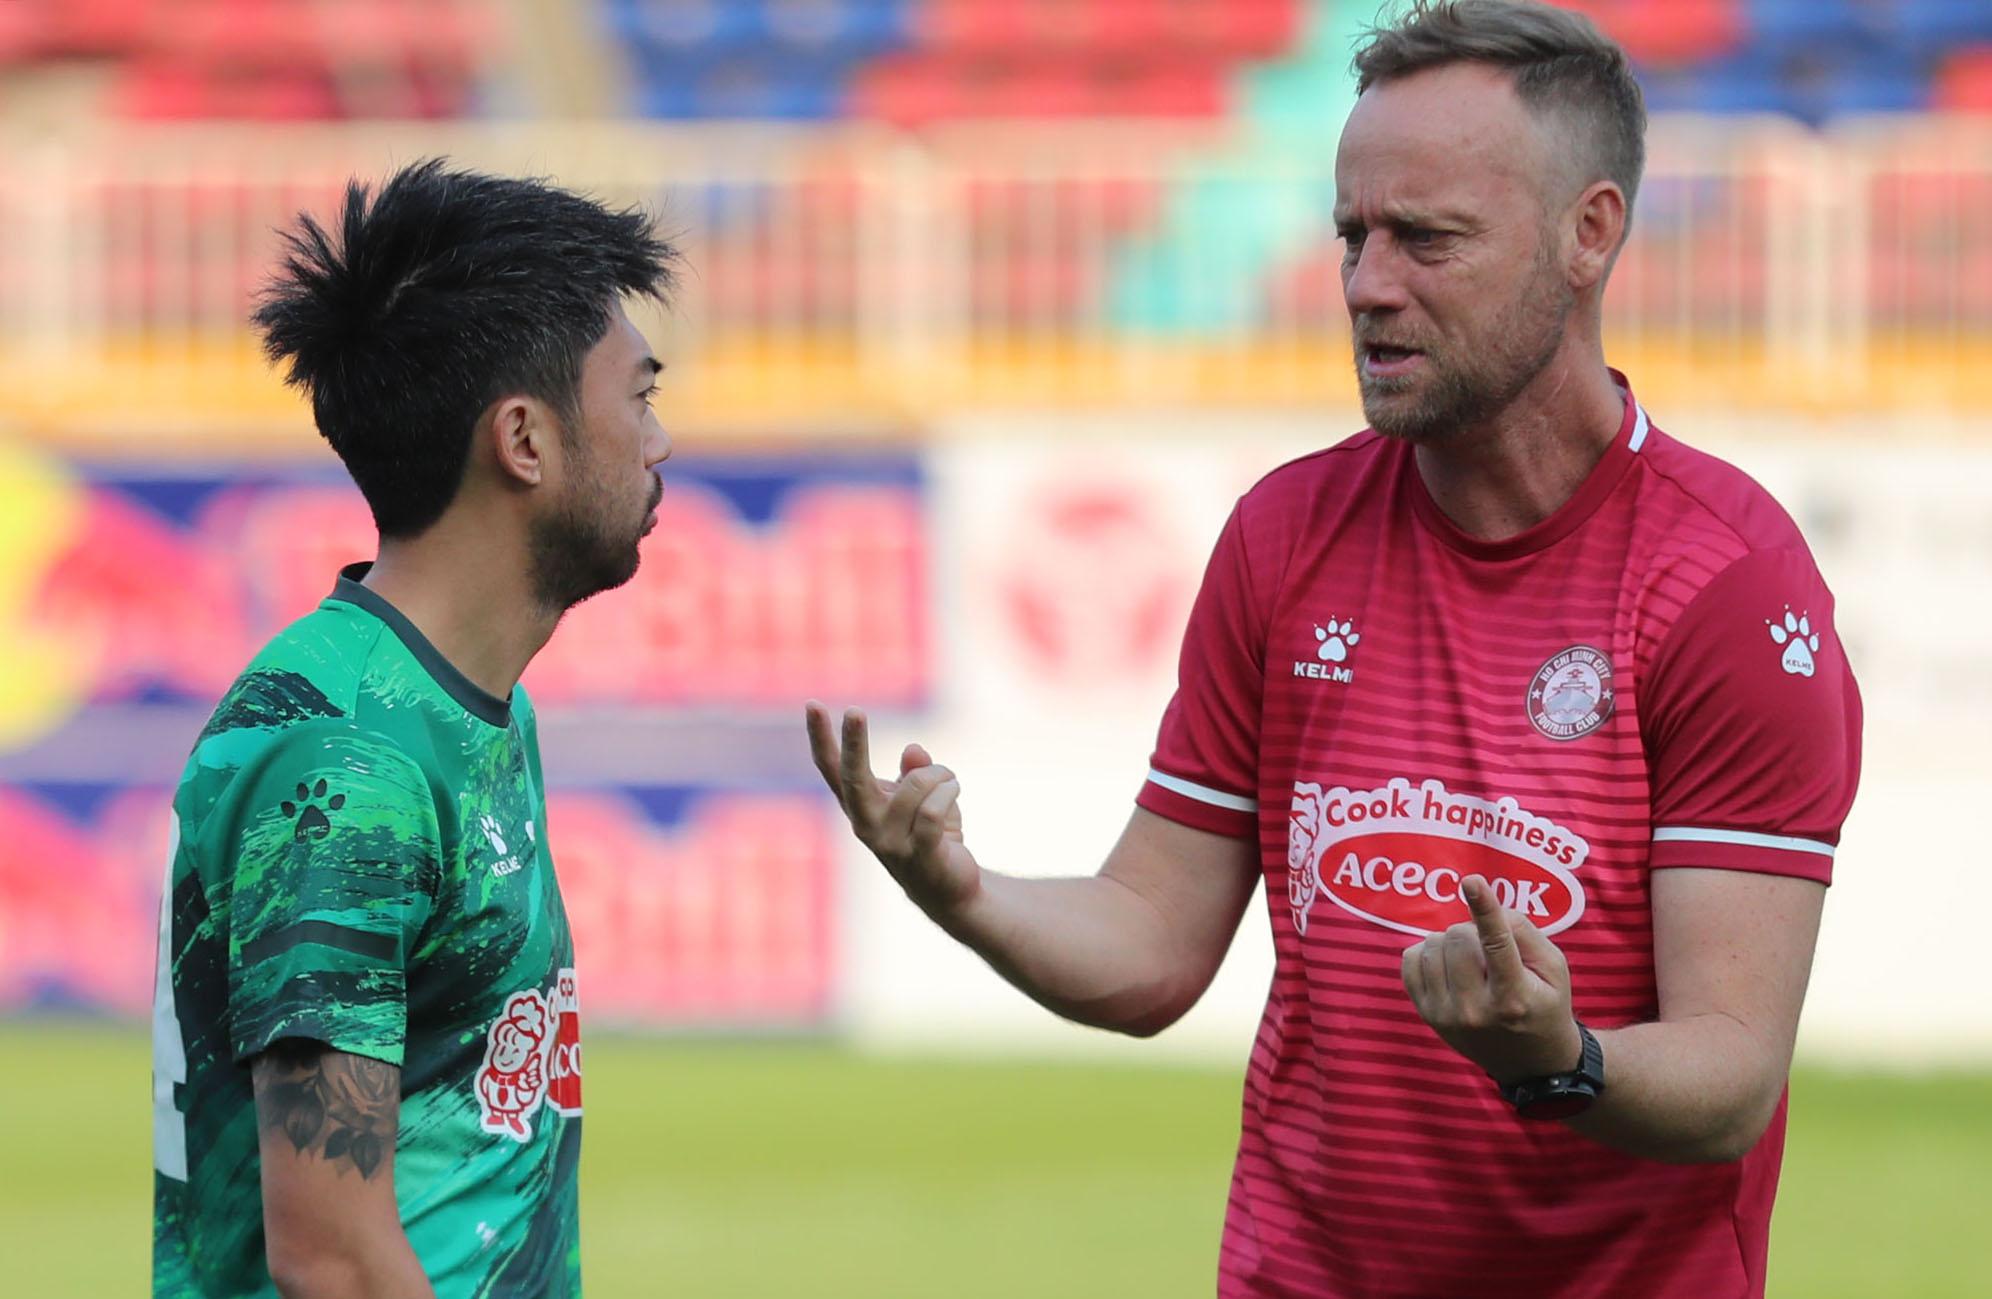 Cả HLV Polking và Lee Nguyễn nhiều khả năng sẽ không gắn bó với CLB TP HCM khi V-League 2021 đã bị huỷ. Ảnh: Đức Đồng